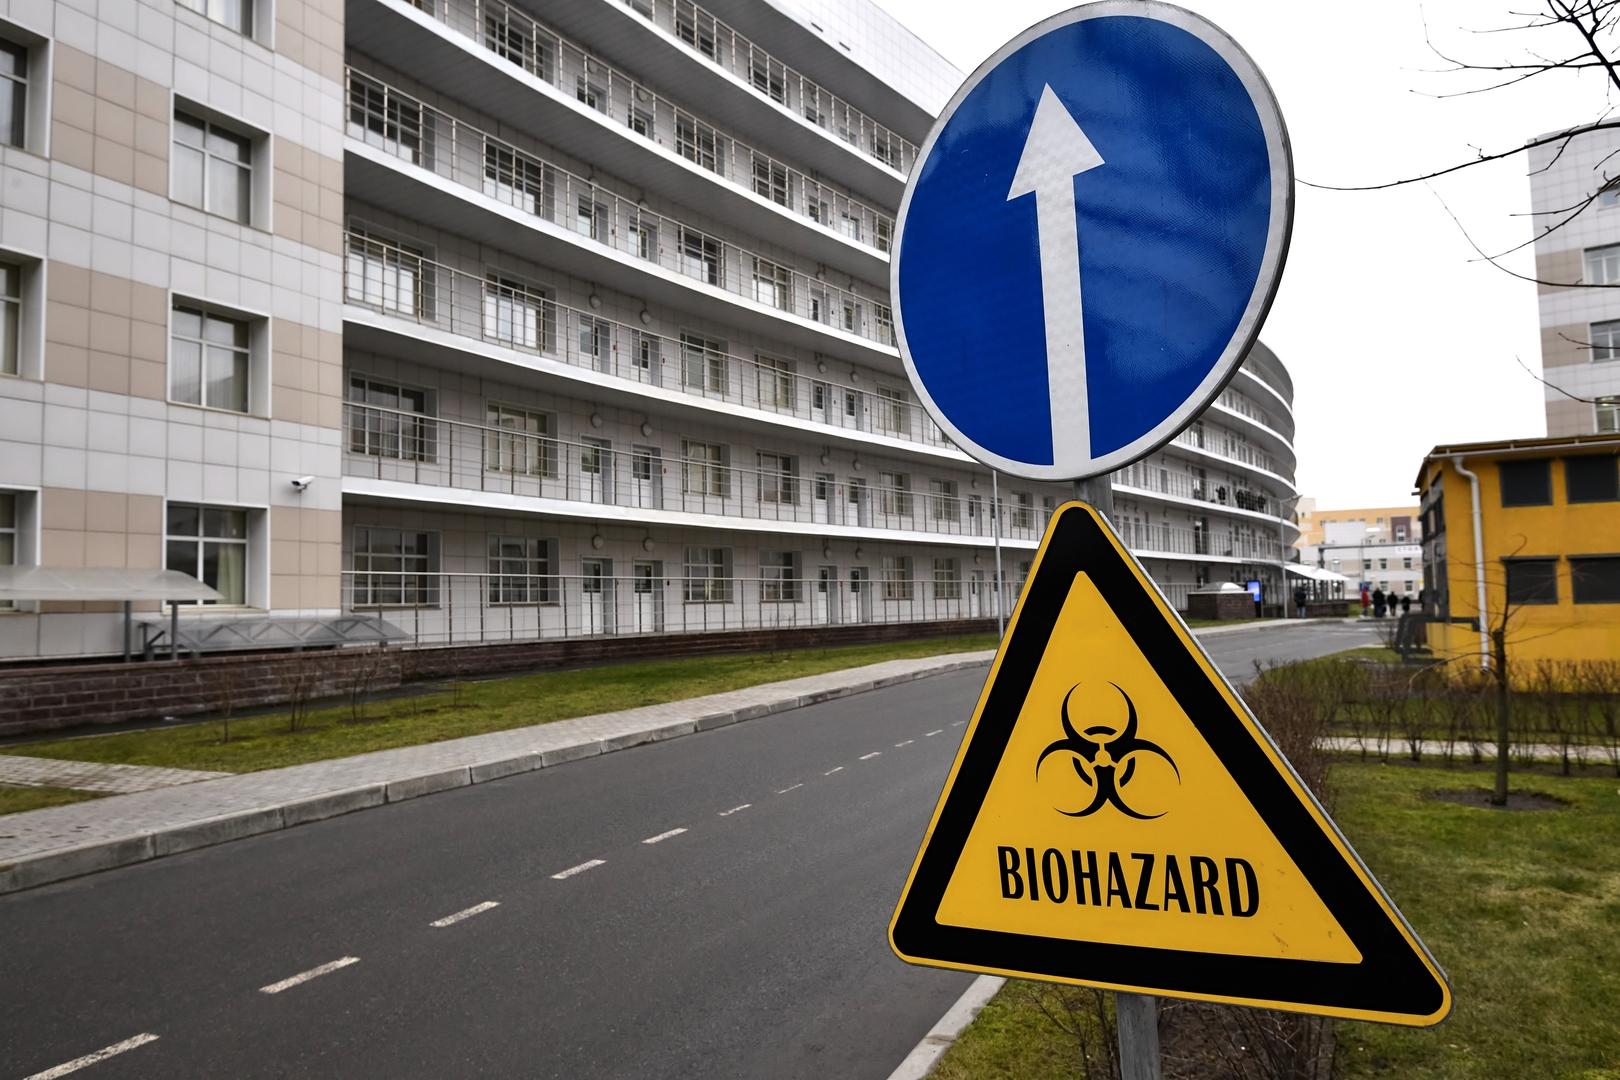 روسيا.. وفاة مريض جراء حريق داخل مستشفى وبائي في بطرسبورغ